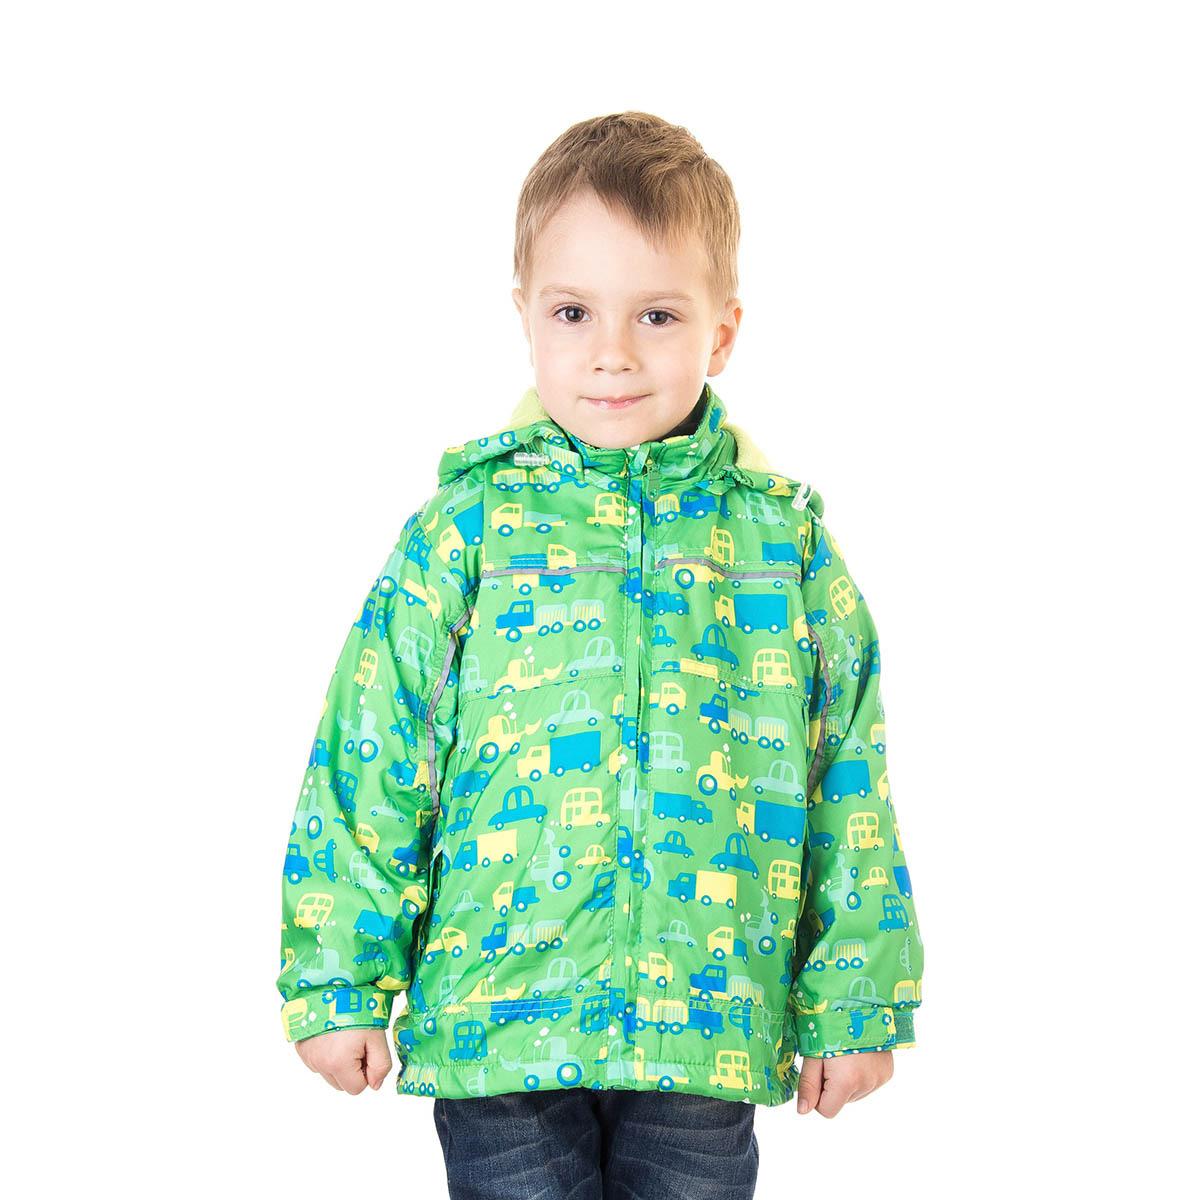 Ветровка для мальчика M&D, цвет: зеленый. 111525D-13. Размер 98111525D-13Ветровка для мальчика M&D идеально подойдет для вашего ребенка в прохладное время года. Модель изготовлена из 100% полиэстера с подкладкой из натурального хлопка. Ветровка с воротником стойкой дополнена капюшоном, который пристегивается с помощью молнии. Застегивается модель на пластиковую застежку-молнию с защитой подбородка. Низ рукавов присборен на резинки. Предусмотрена утяжка в виде резинок со стопперами: на капюшоне и внутри изделия понизу. Спереди модель дополнена двумя втачными карманами на застежках-молниях. Оформлена ветровка красочным цветочным принтом с изображением машин.